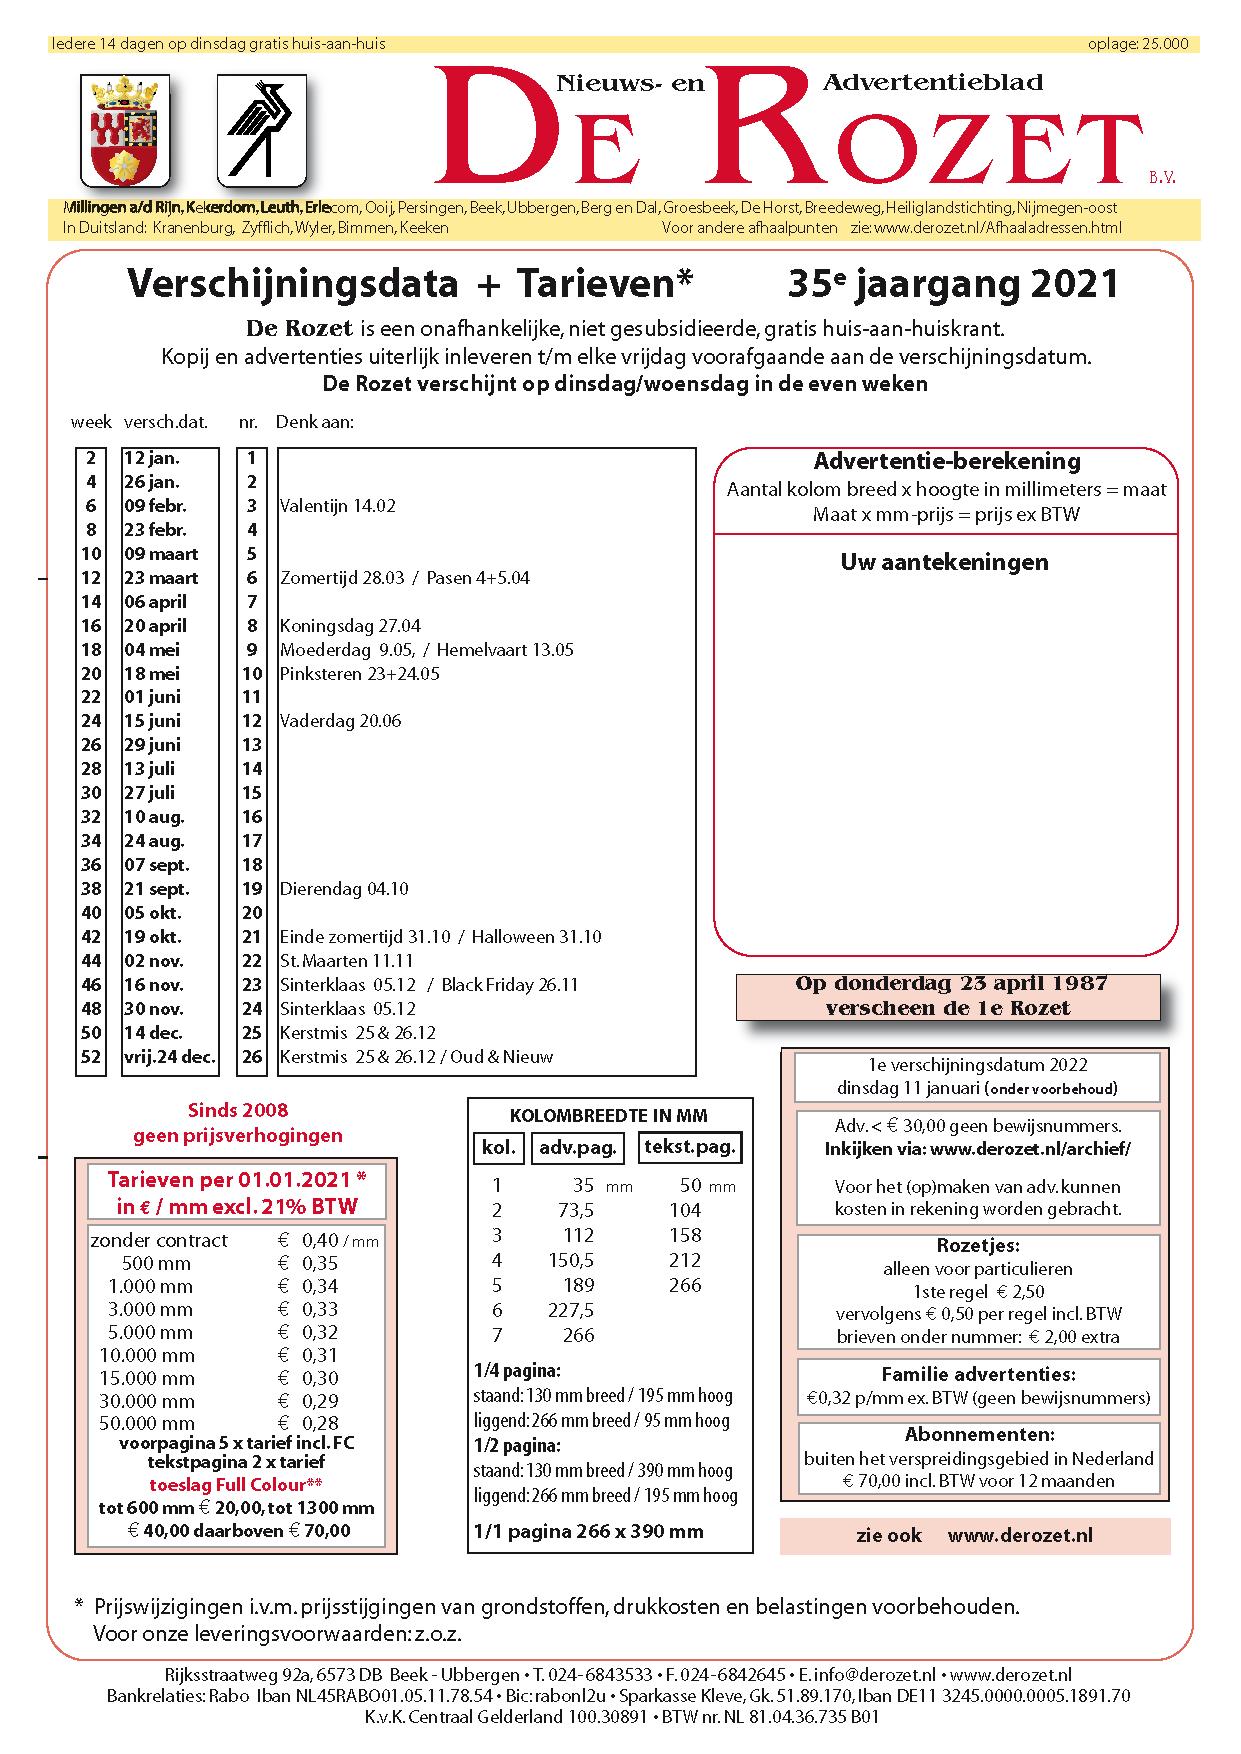 rozet-verschijningsdata-tarieven-2021_Pagina_1